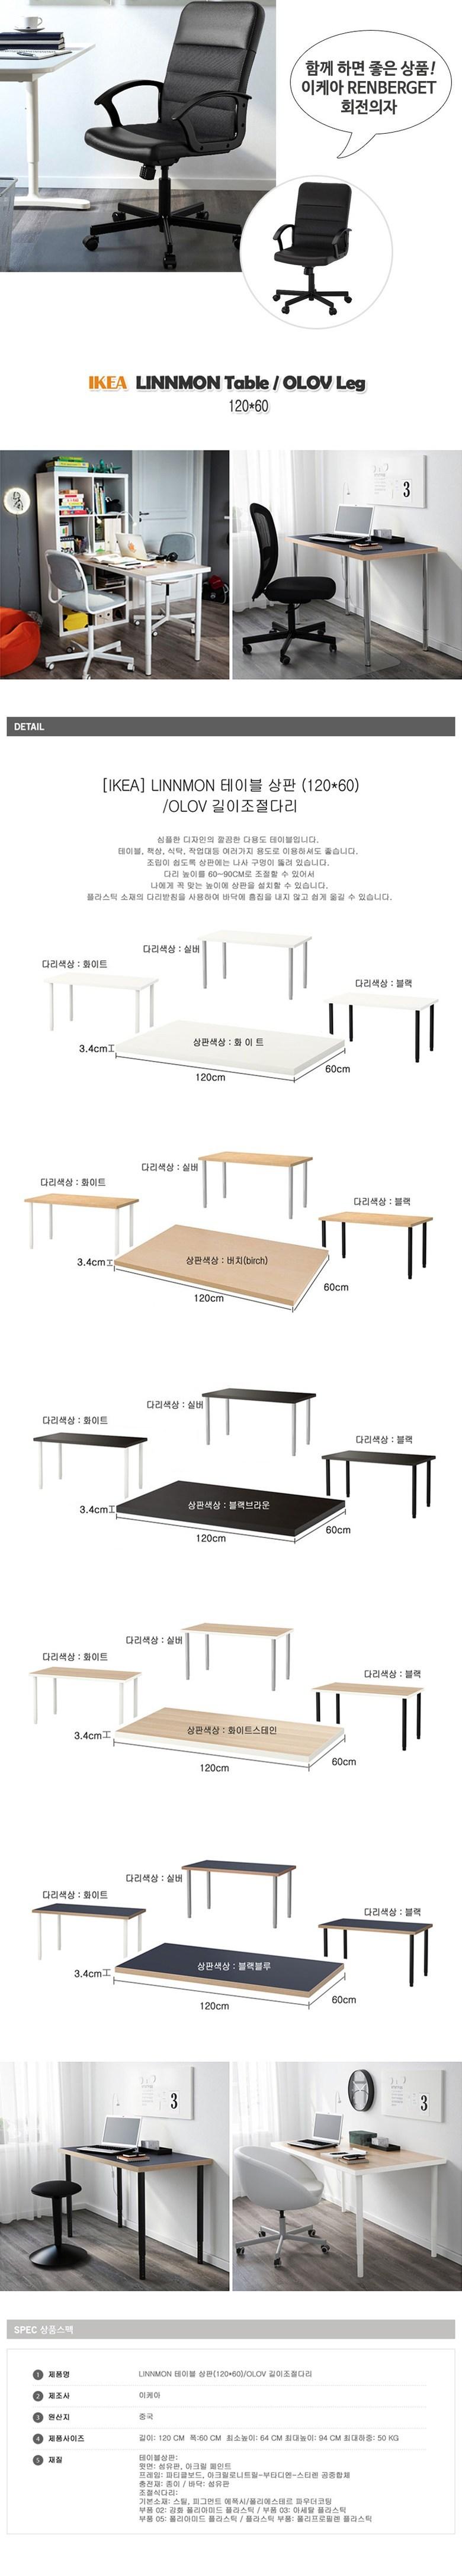 LINNMON 테이블(120X60)+OLOV 길이조절다리 - 이케아, 85,200원, 책상/의자, 일반 책상